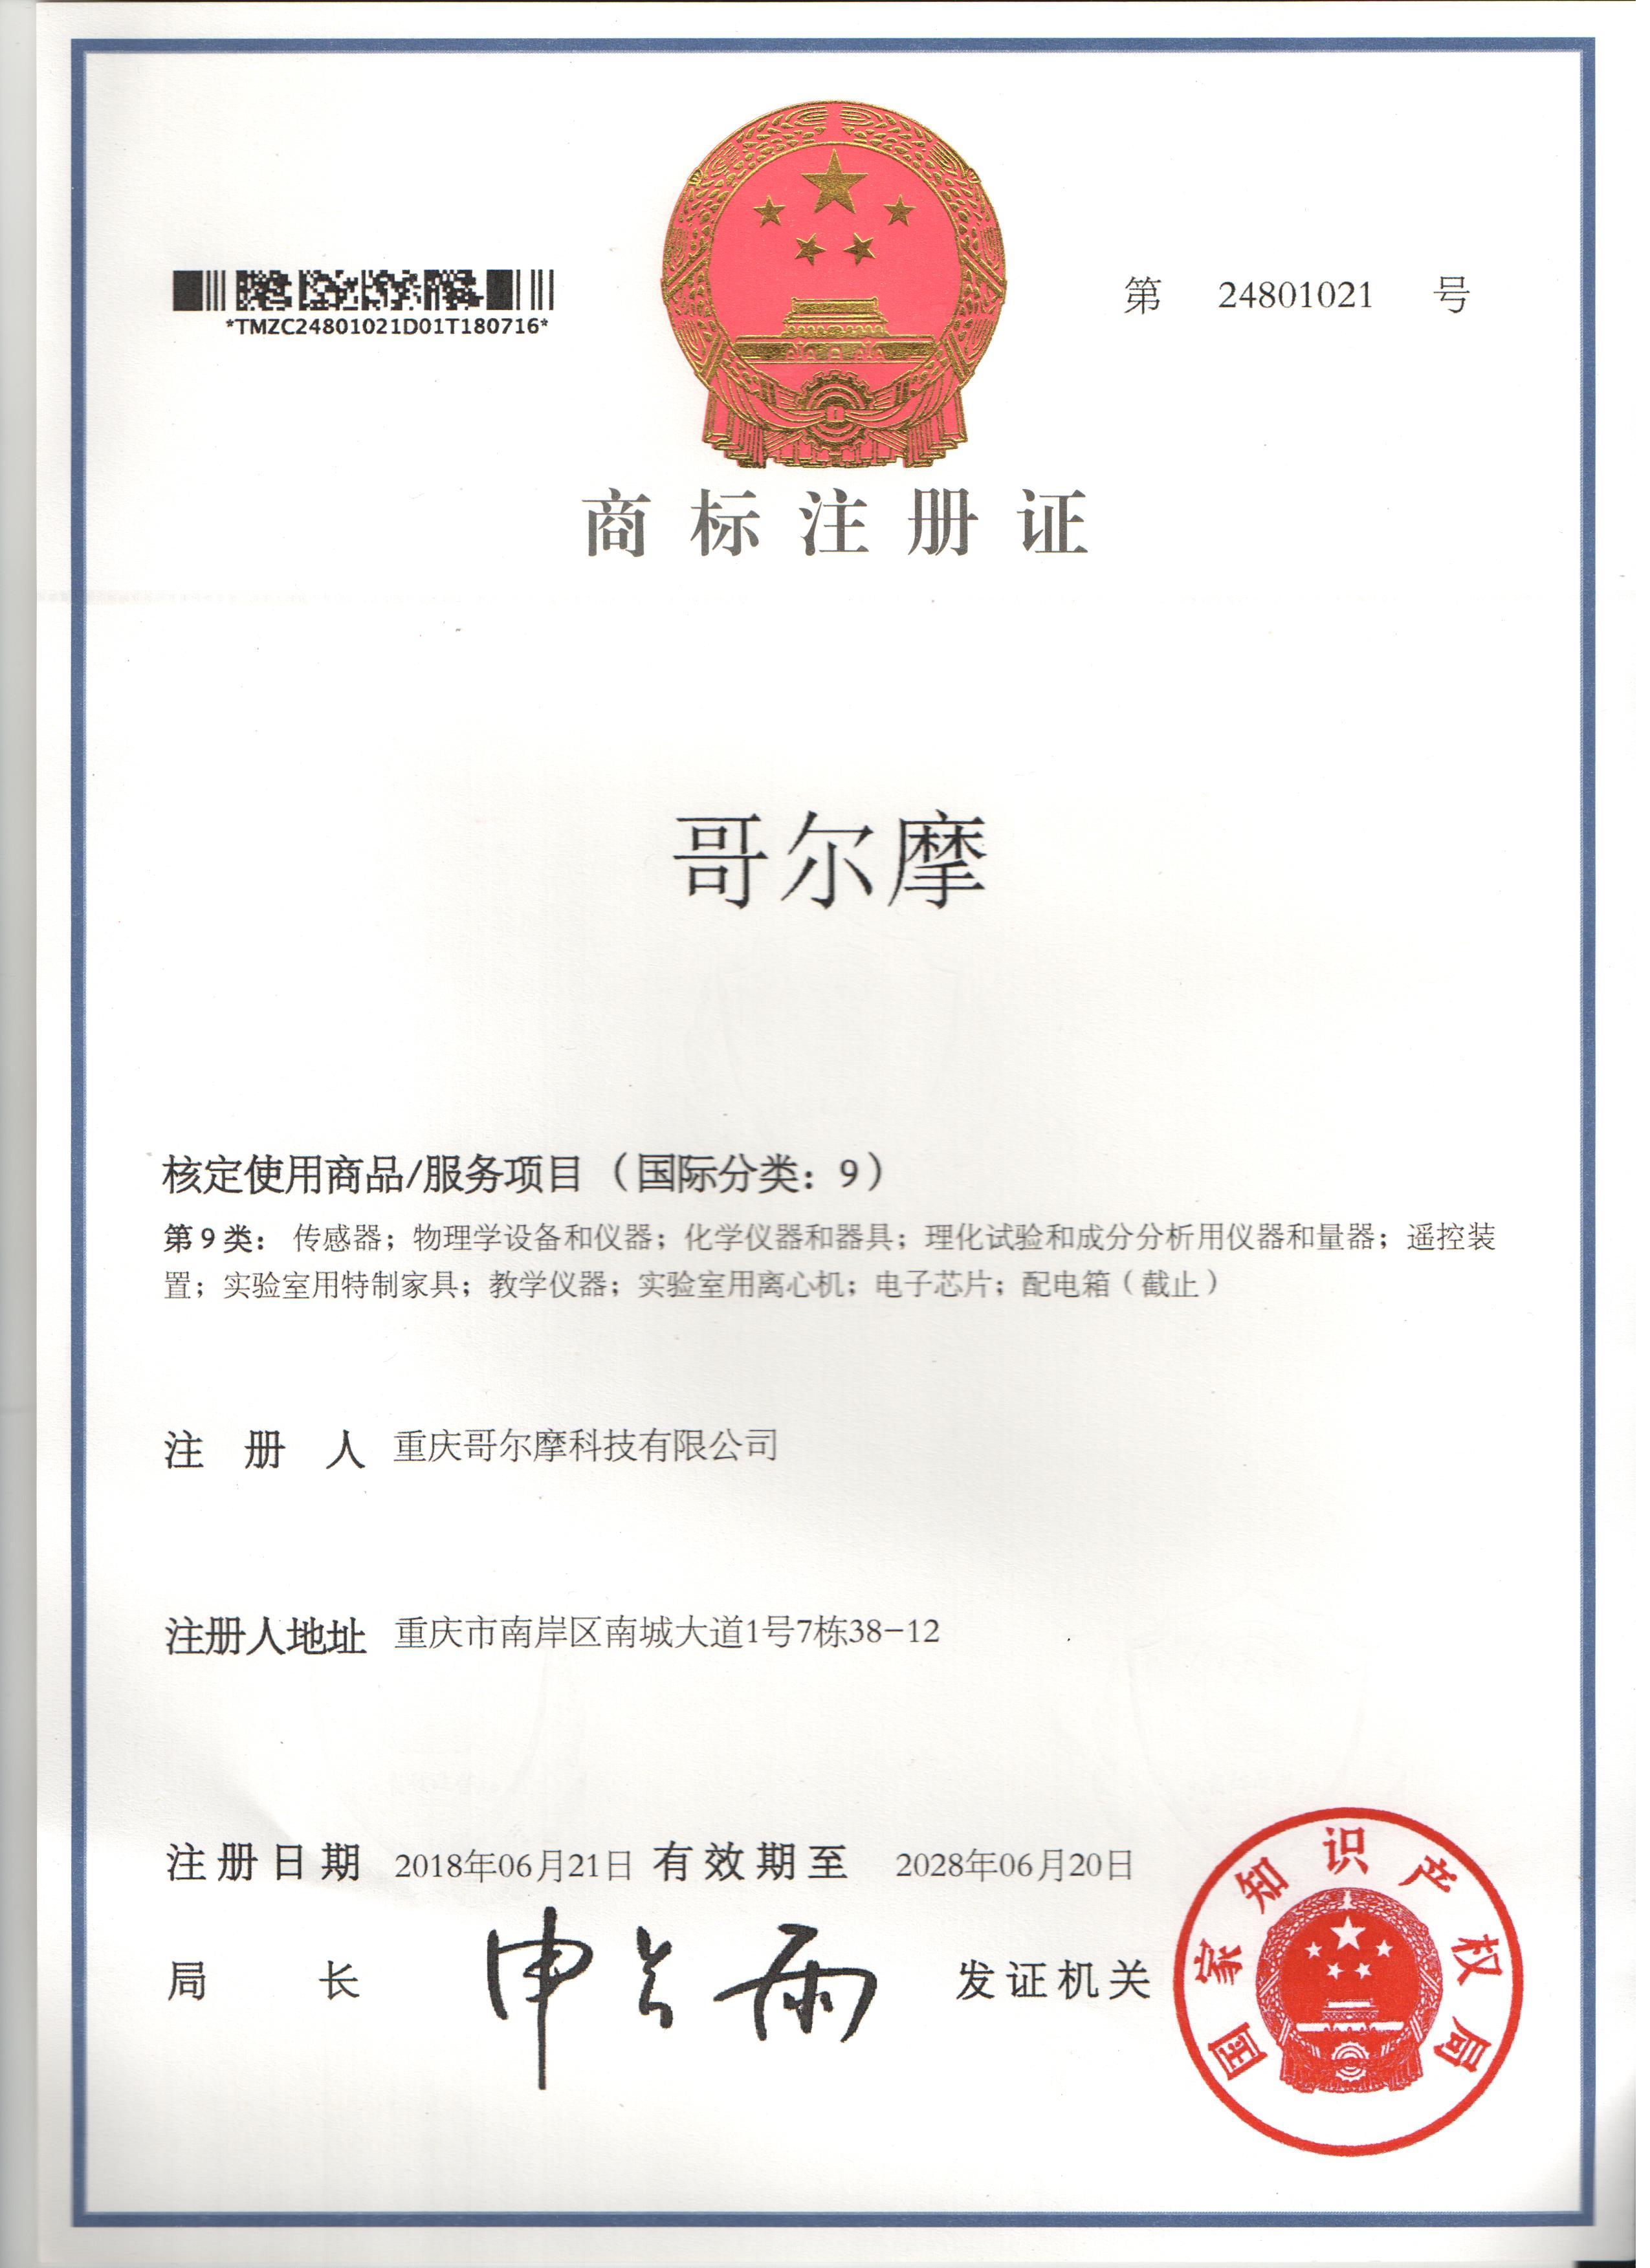 哥尔摩商标注册证7